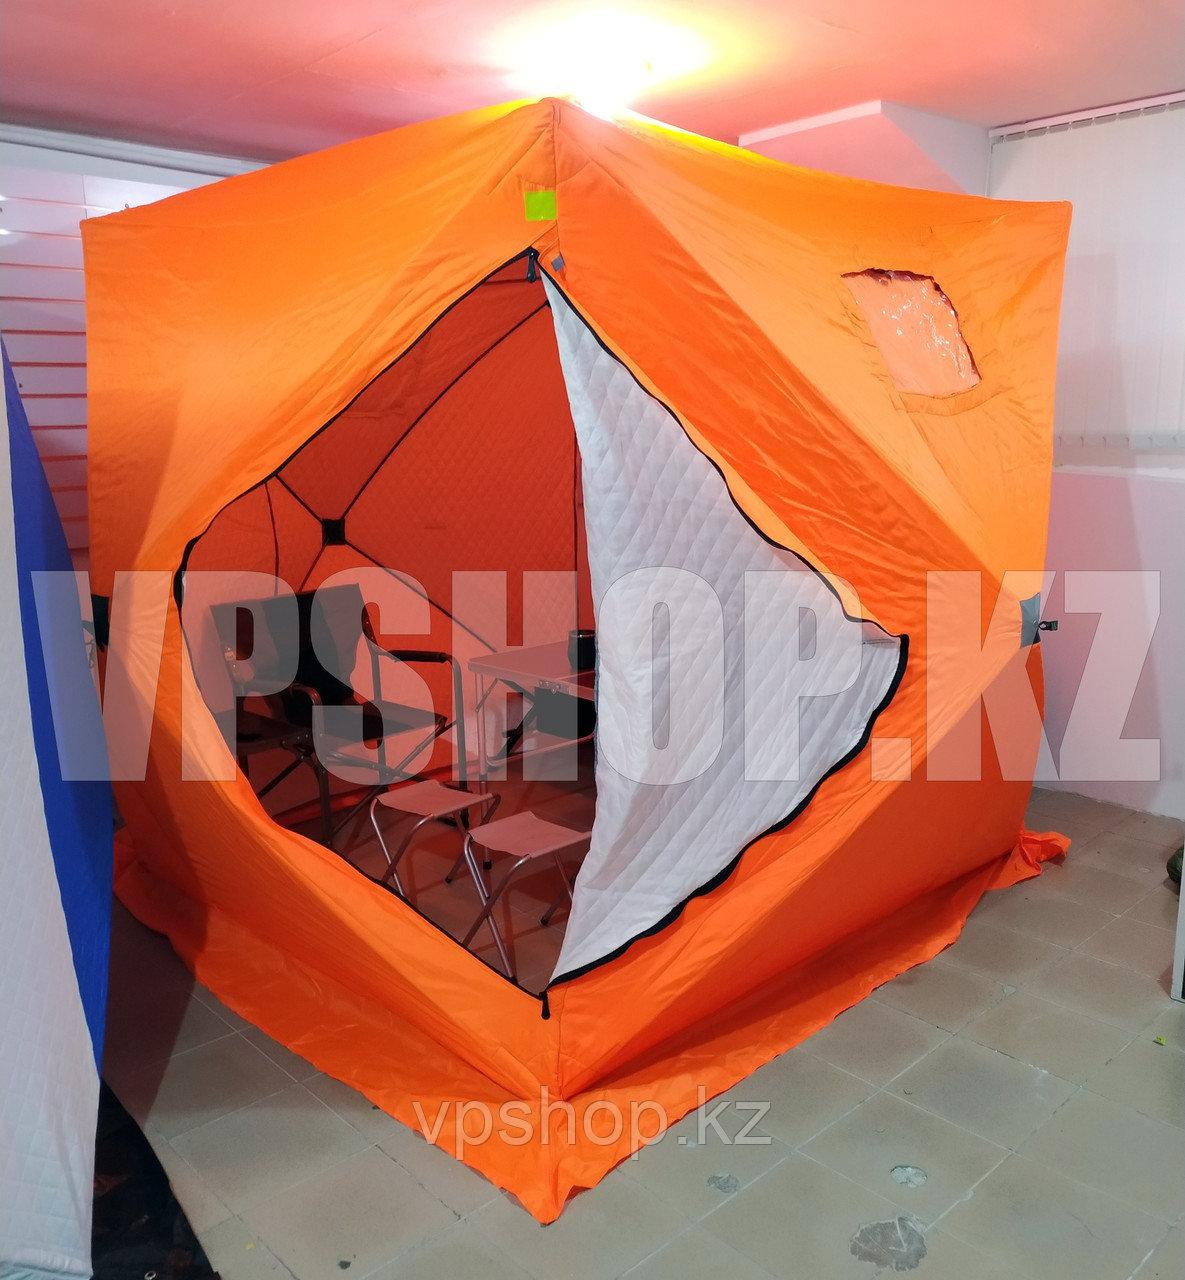 КУБ палатка утепленная 2.2х2.2 с синтепоном, доставка